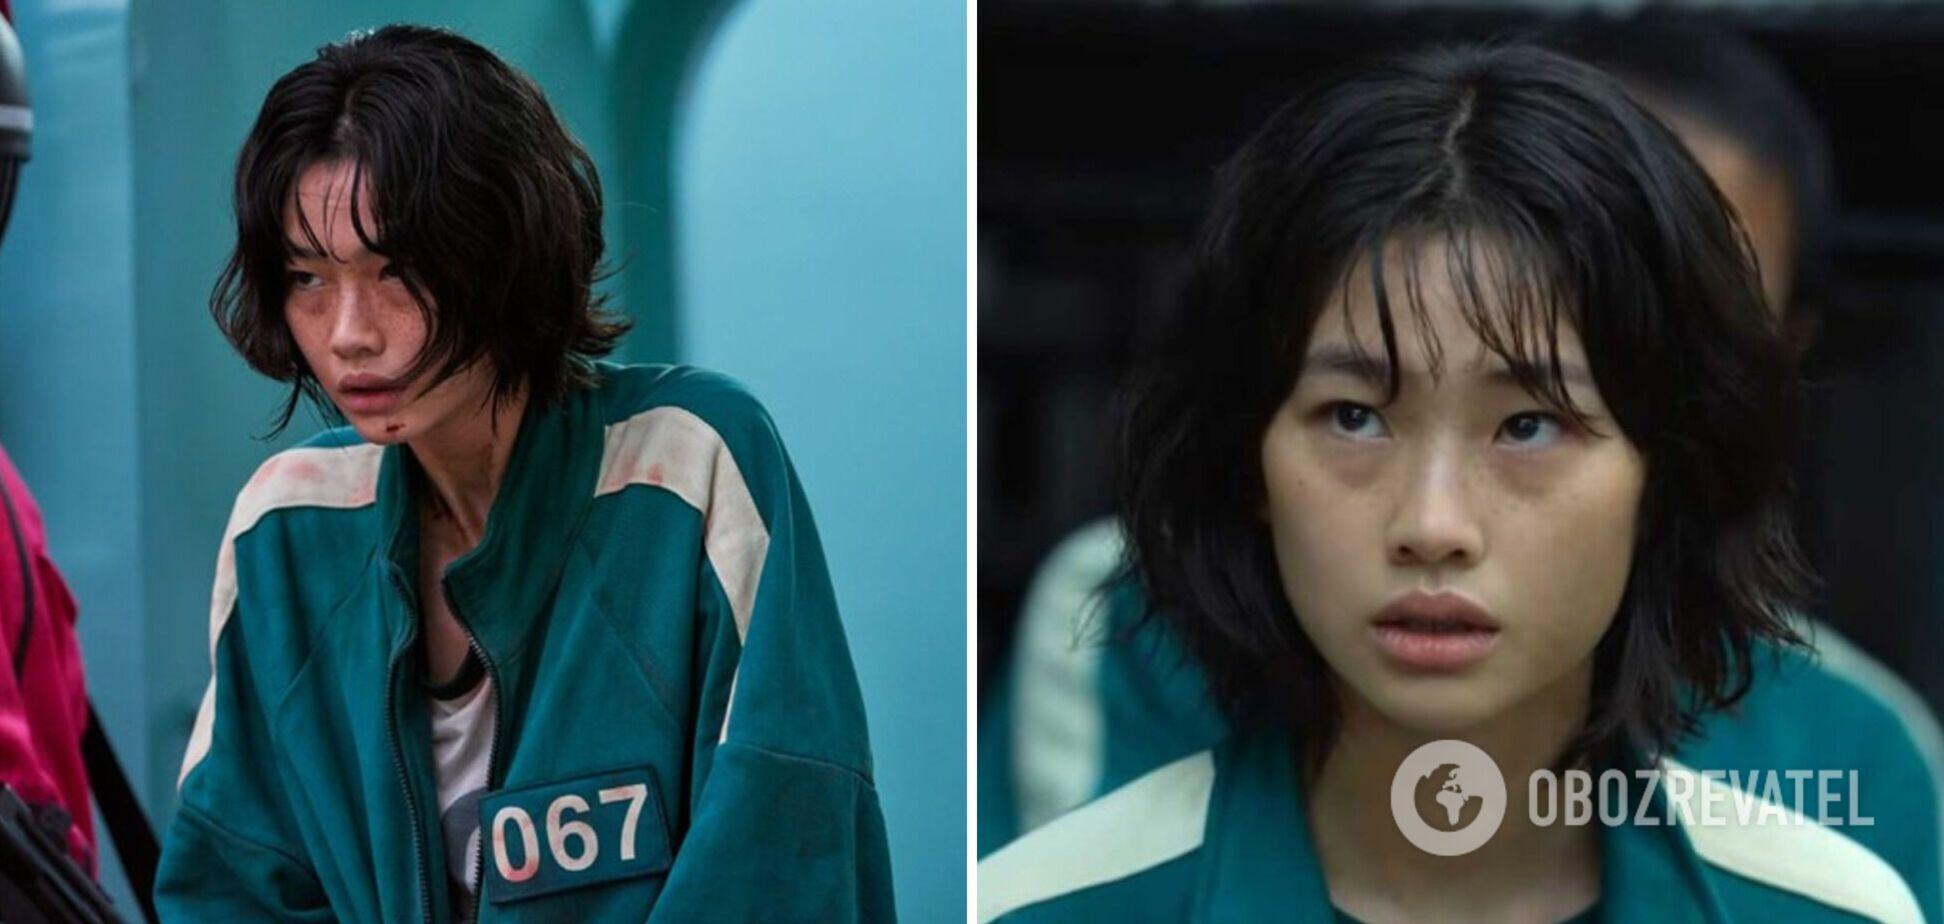 Зірка 'Гри в кальмара' Хо Ен Чон стала найпопулярнішою корейською акторкою за лічені дні: що про неї відомо. Фото